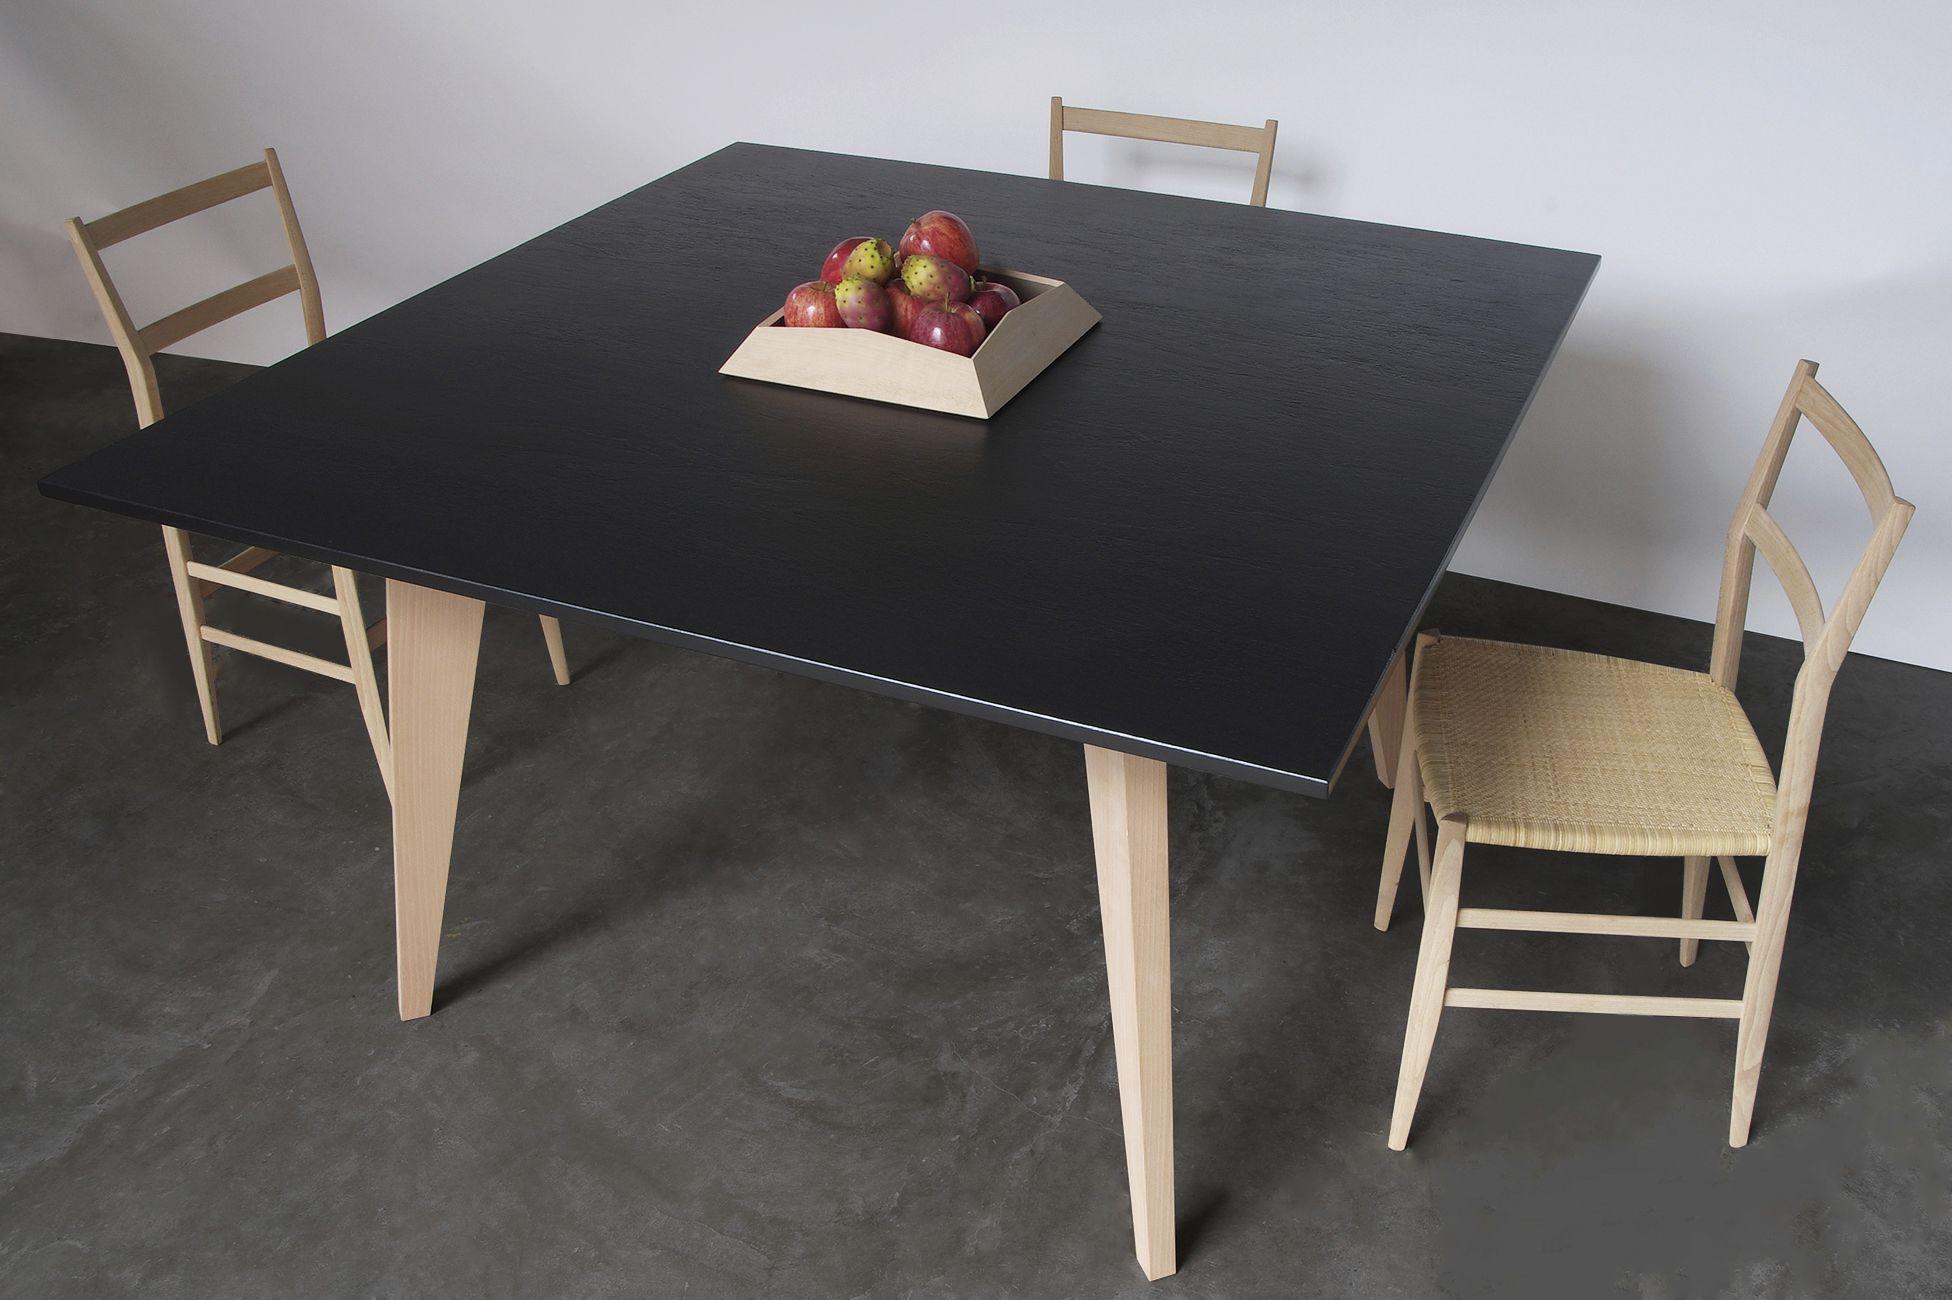 moderne esstisch / aus schiefer / rechteckig / für restaurant, Esszimmer dekoo